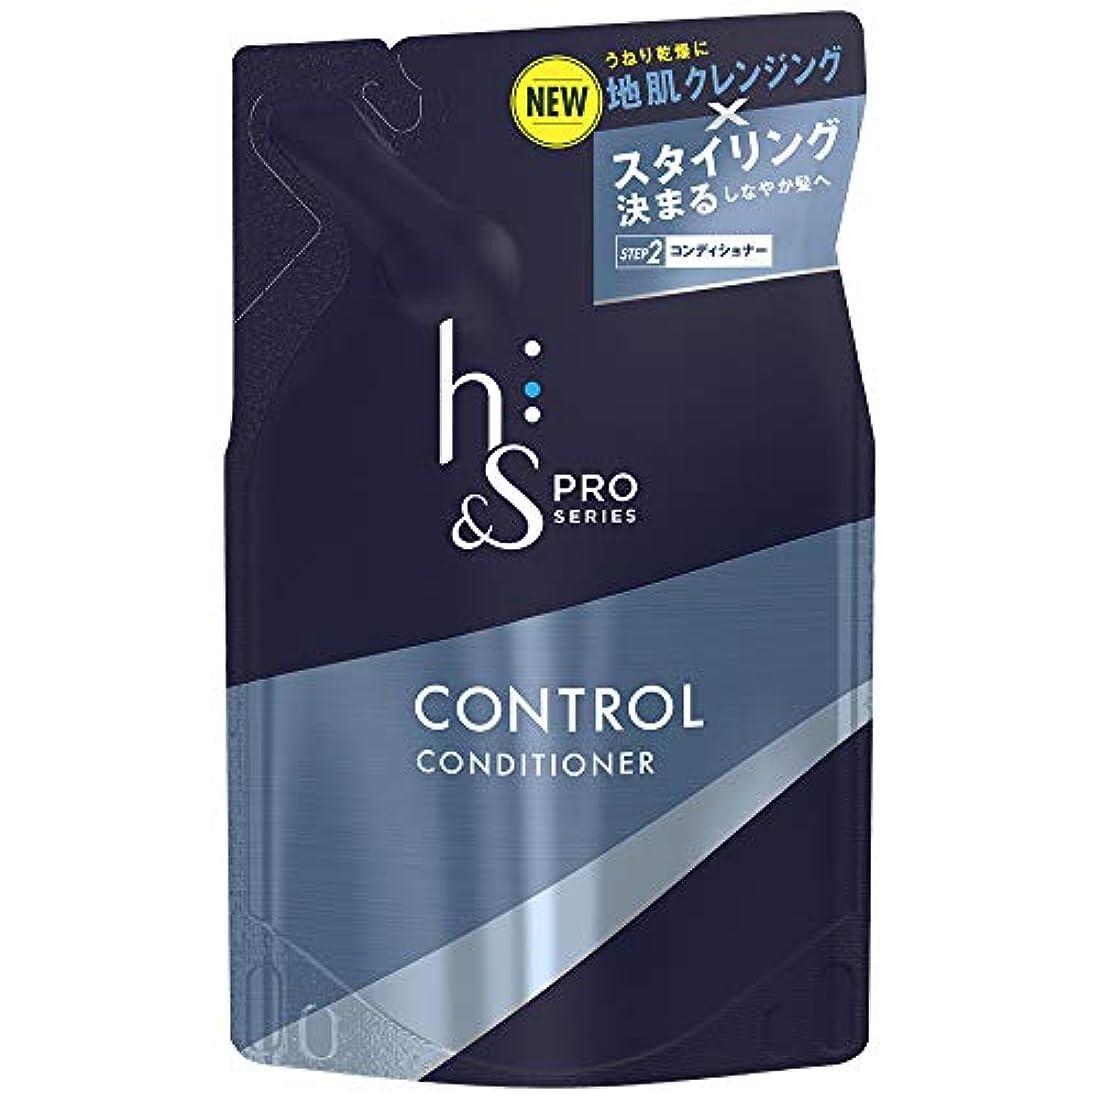 ペック郵便学生h&s PRO (エイチアンドエス プロ) メンズ コンディショナー コントロール 詰め替え (スタイリング重視) 300g